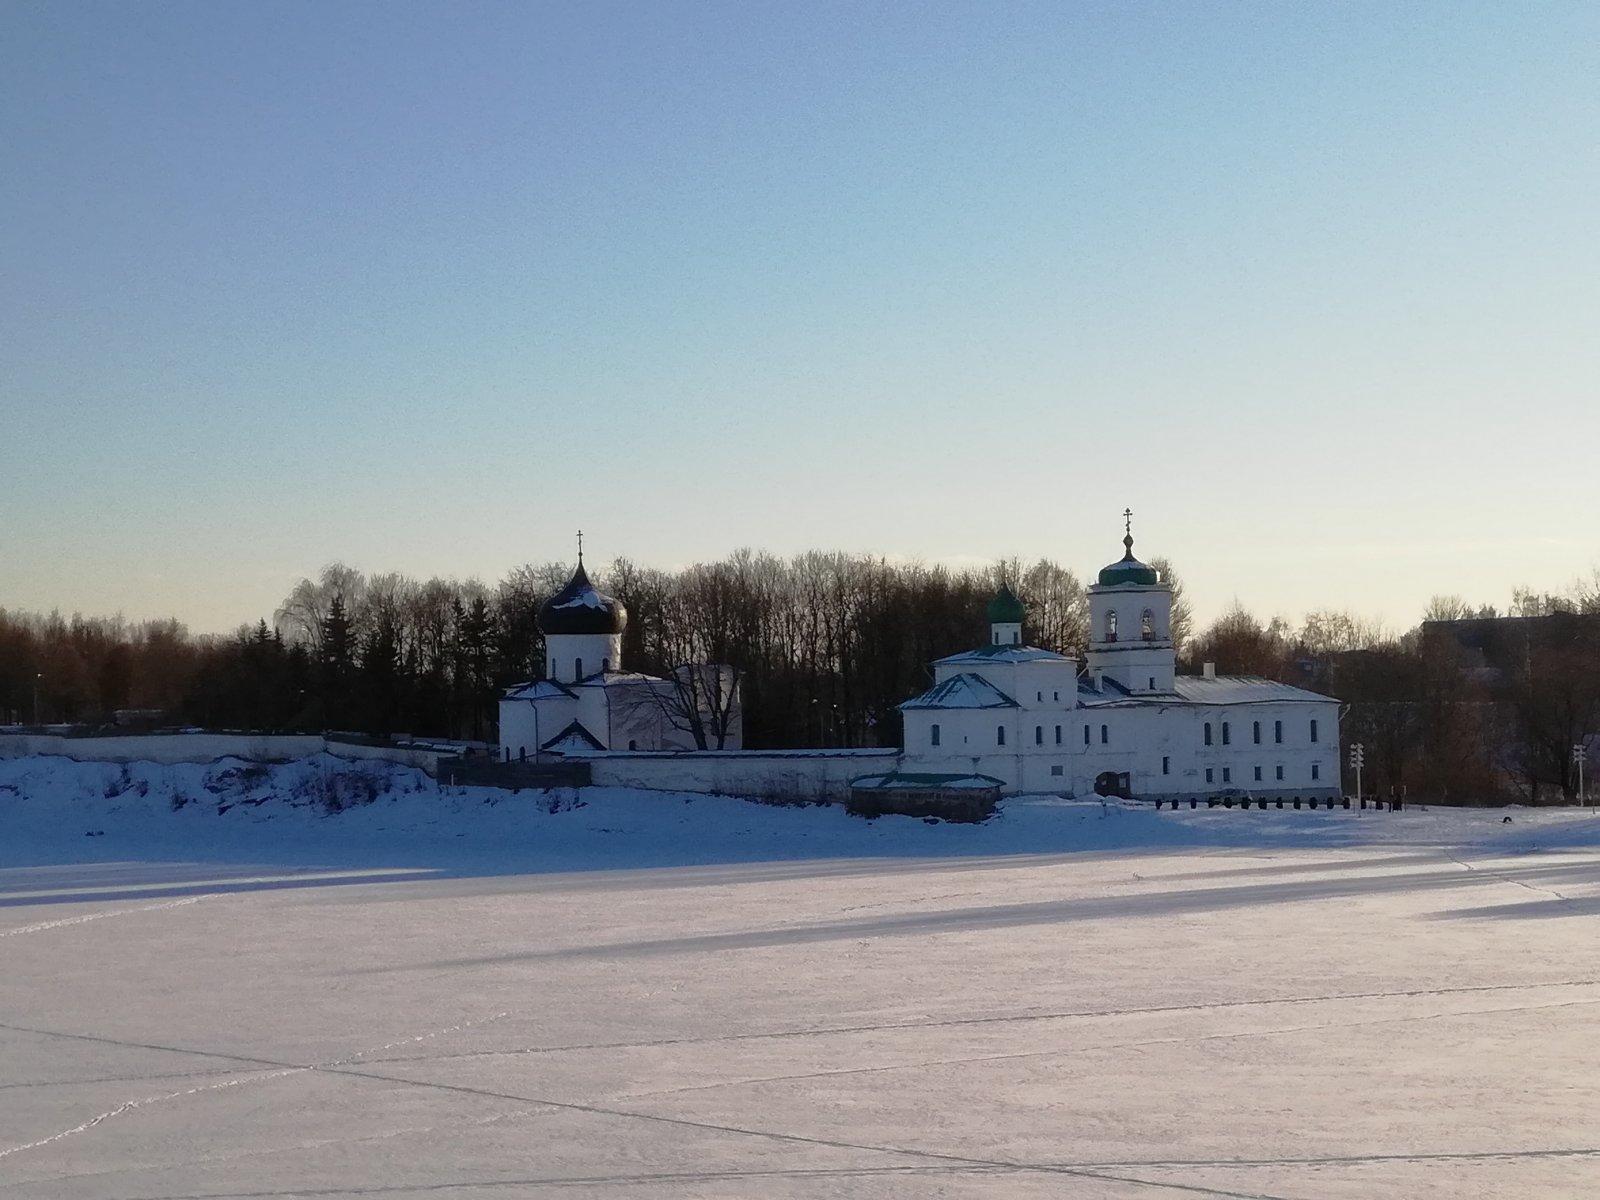 Псковские сокровища 12 века (Мирожский монастырь, собор Рождества Иоанна Предтечи)